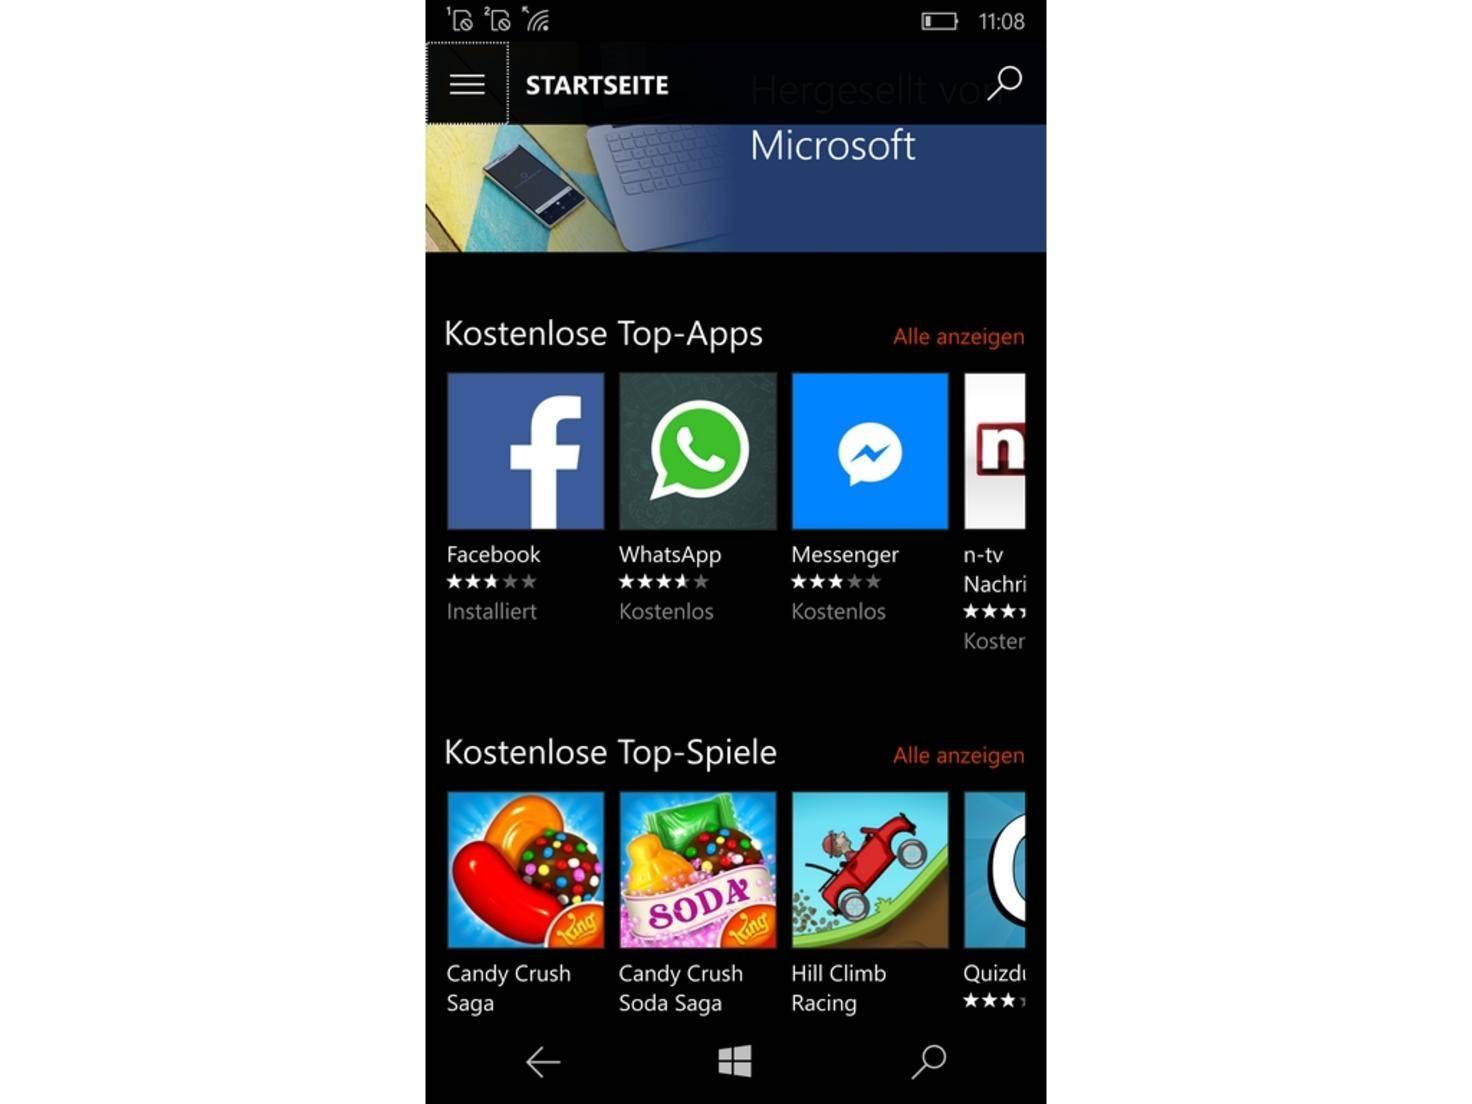 Der App Store passt optisch zum restlichen Software-Design.